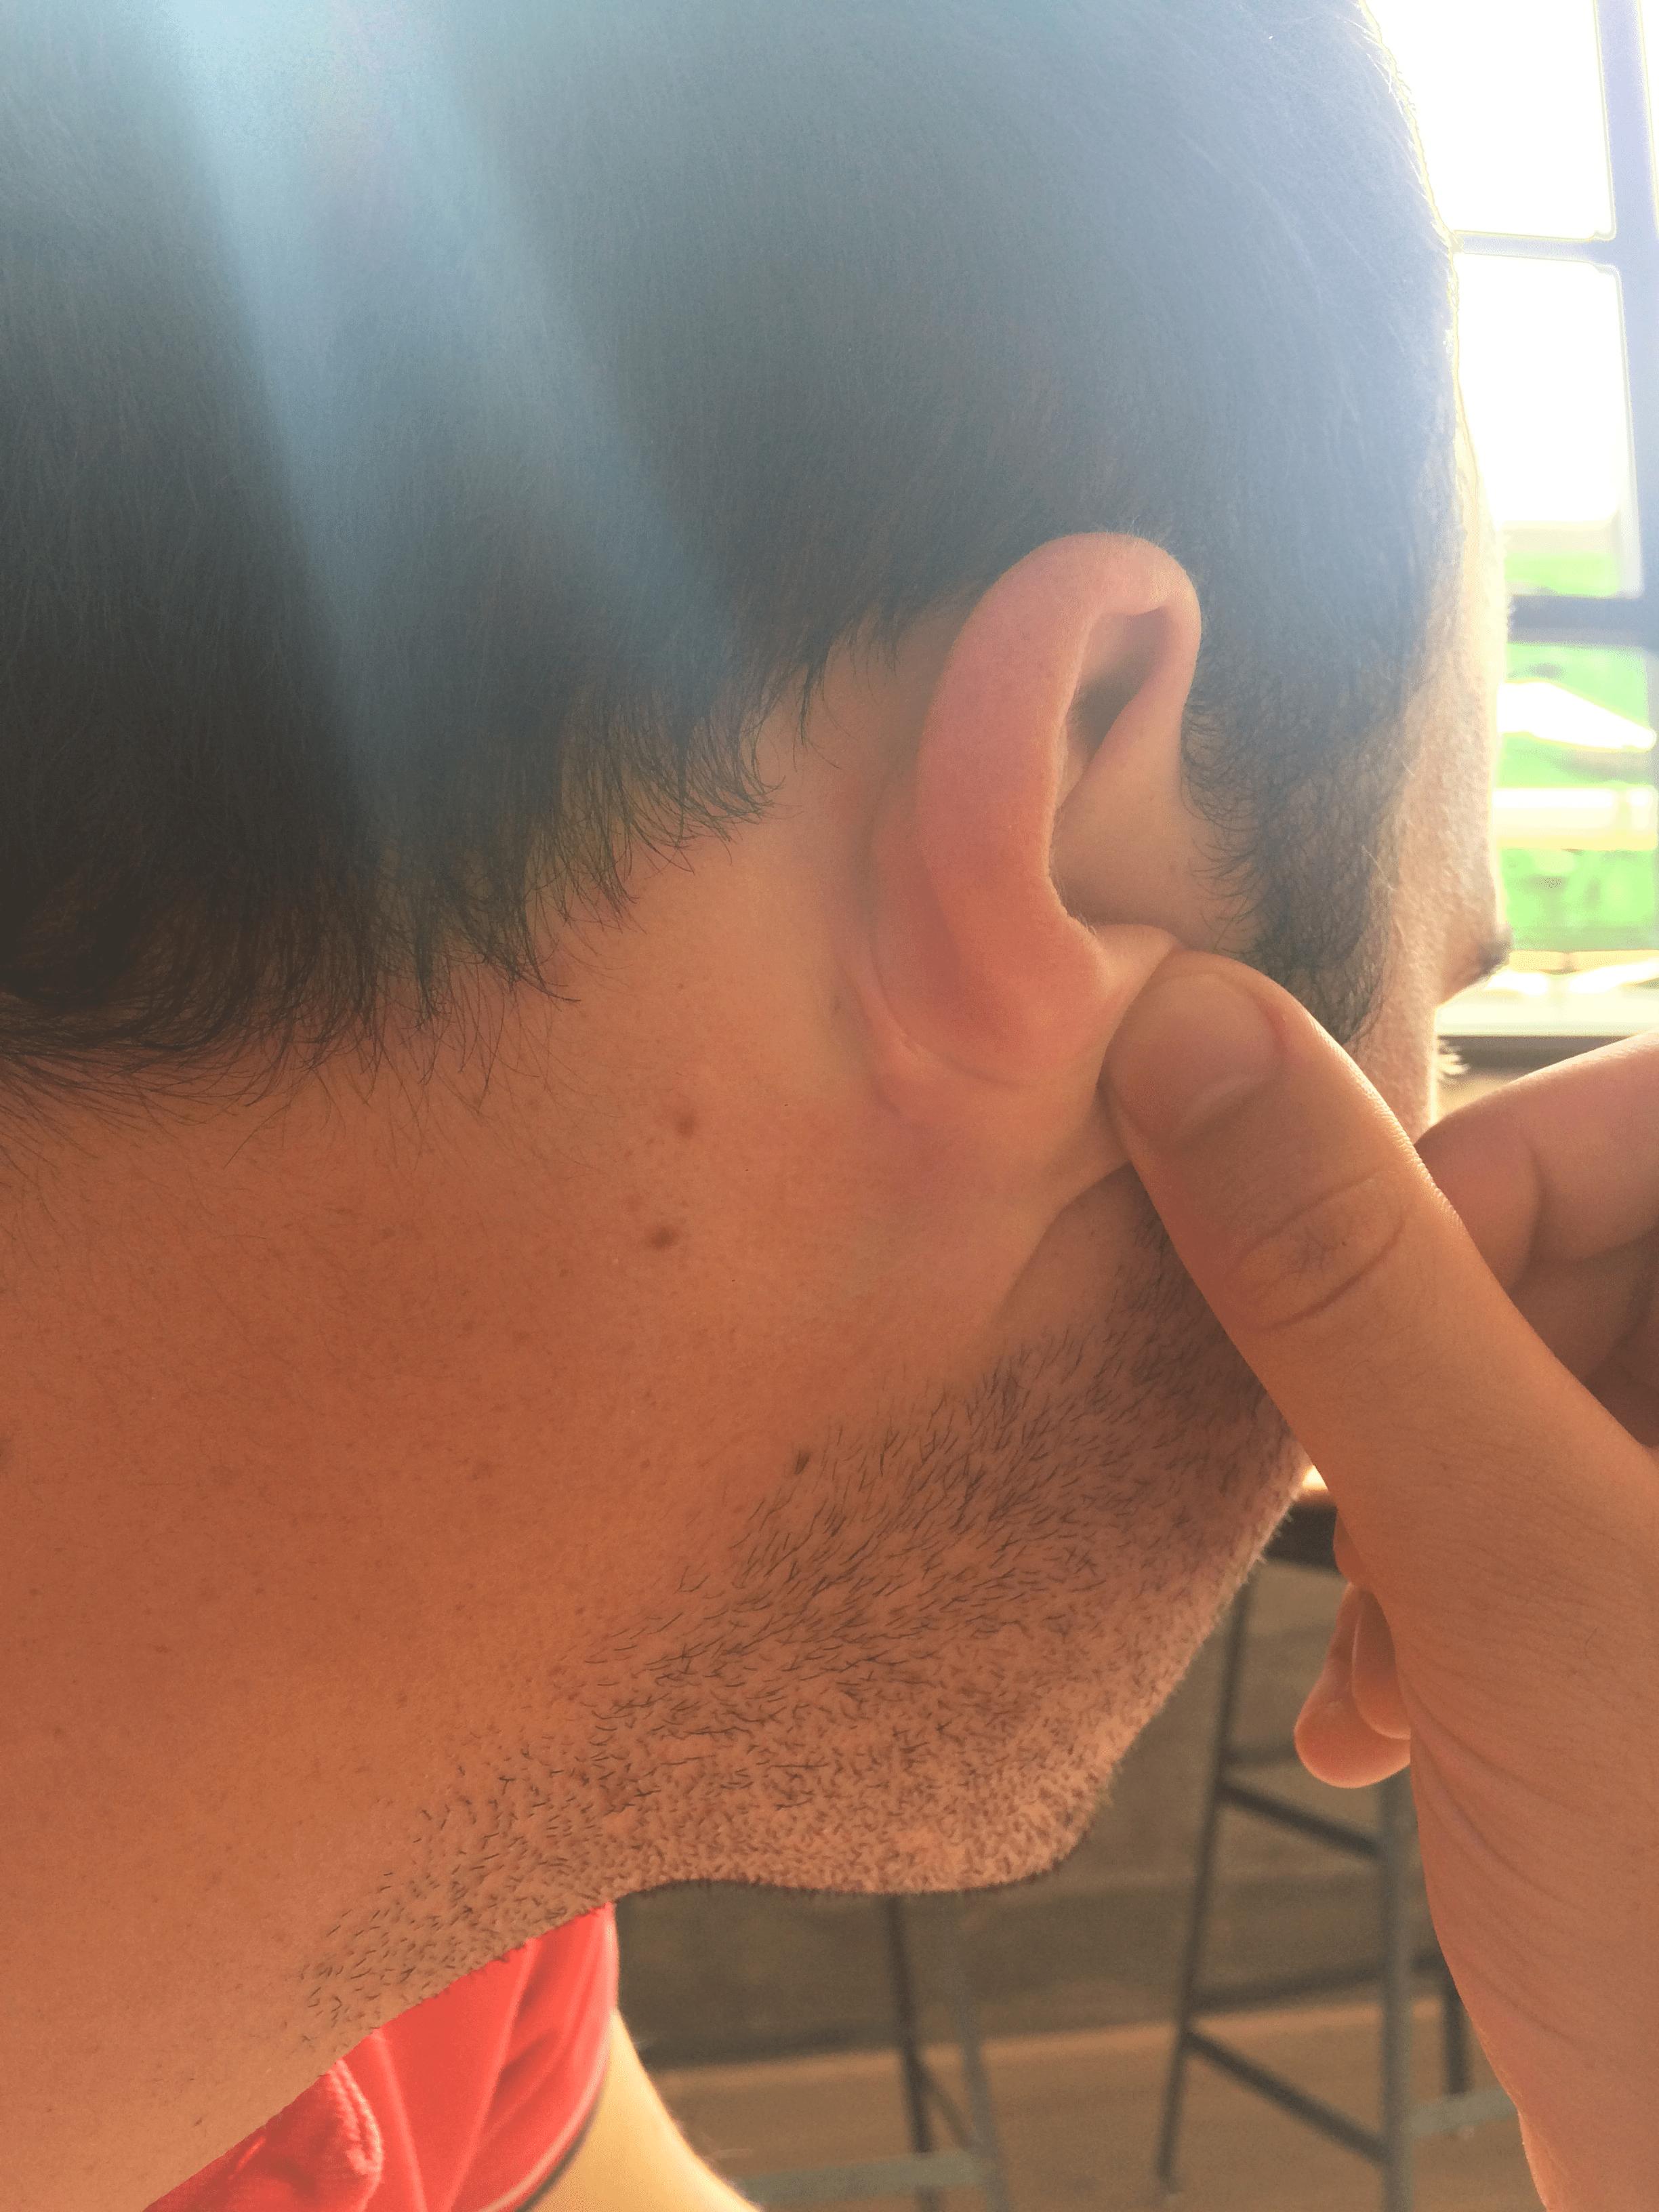 First Derm Eczema After